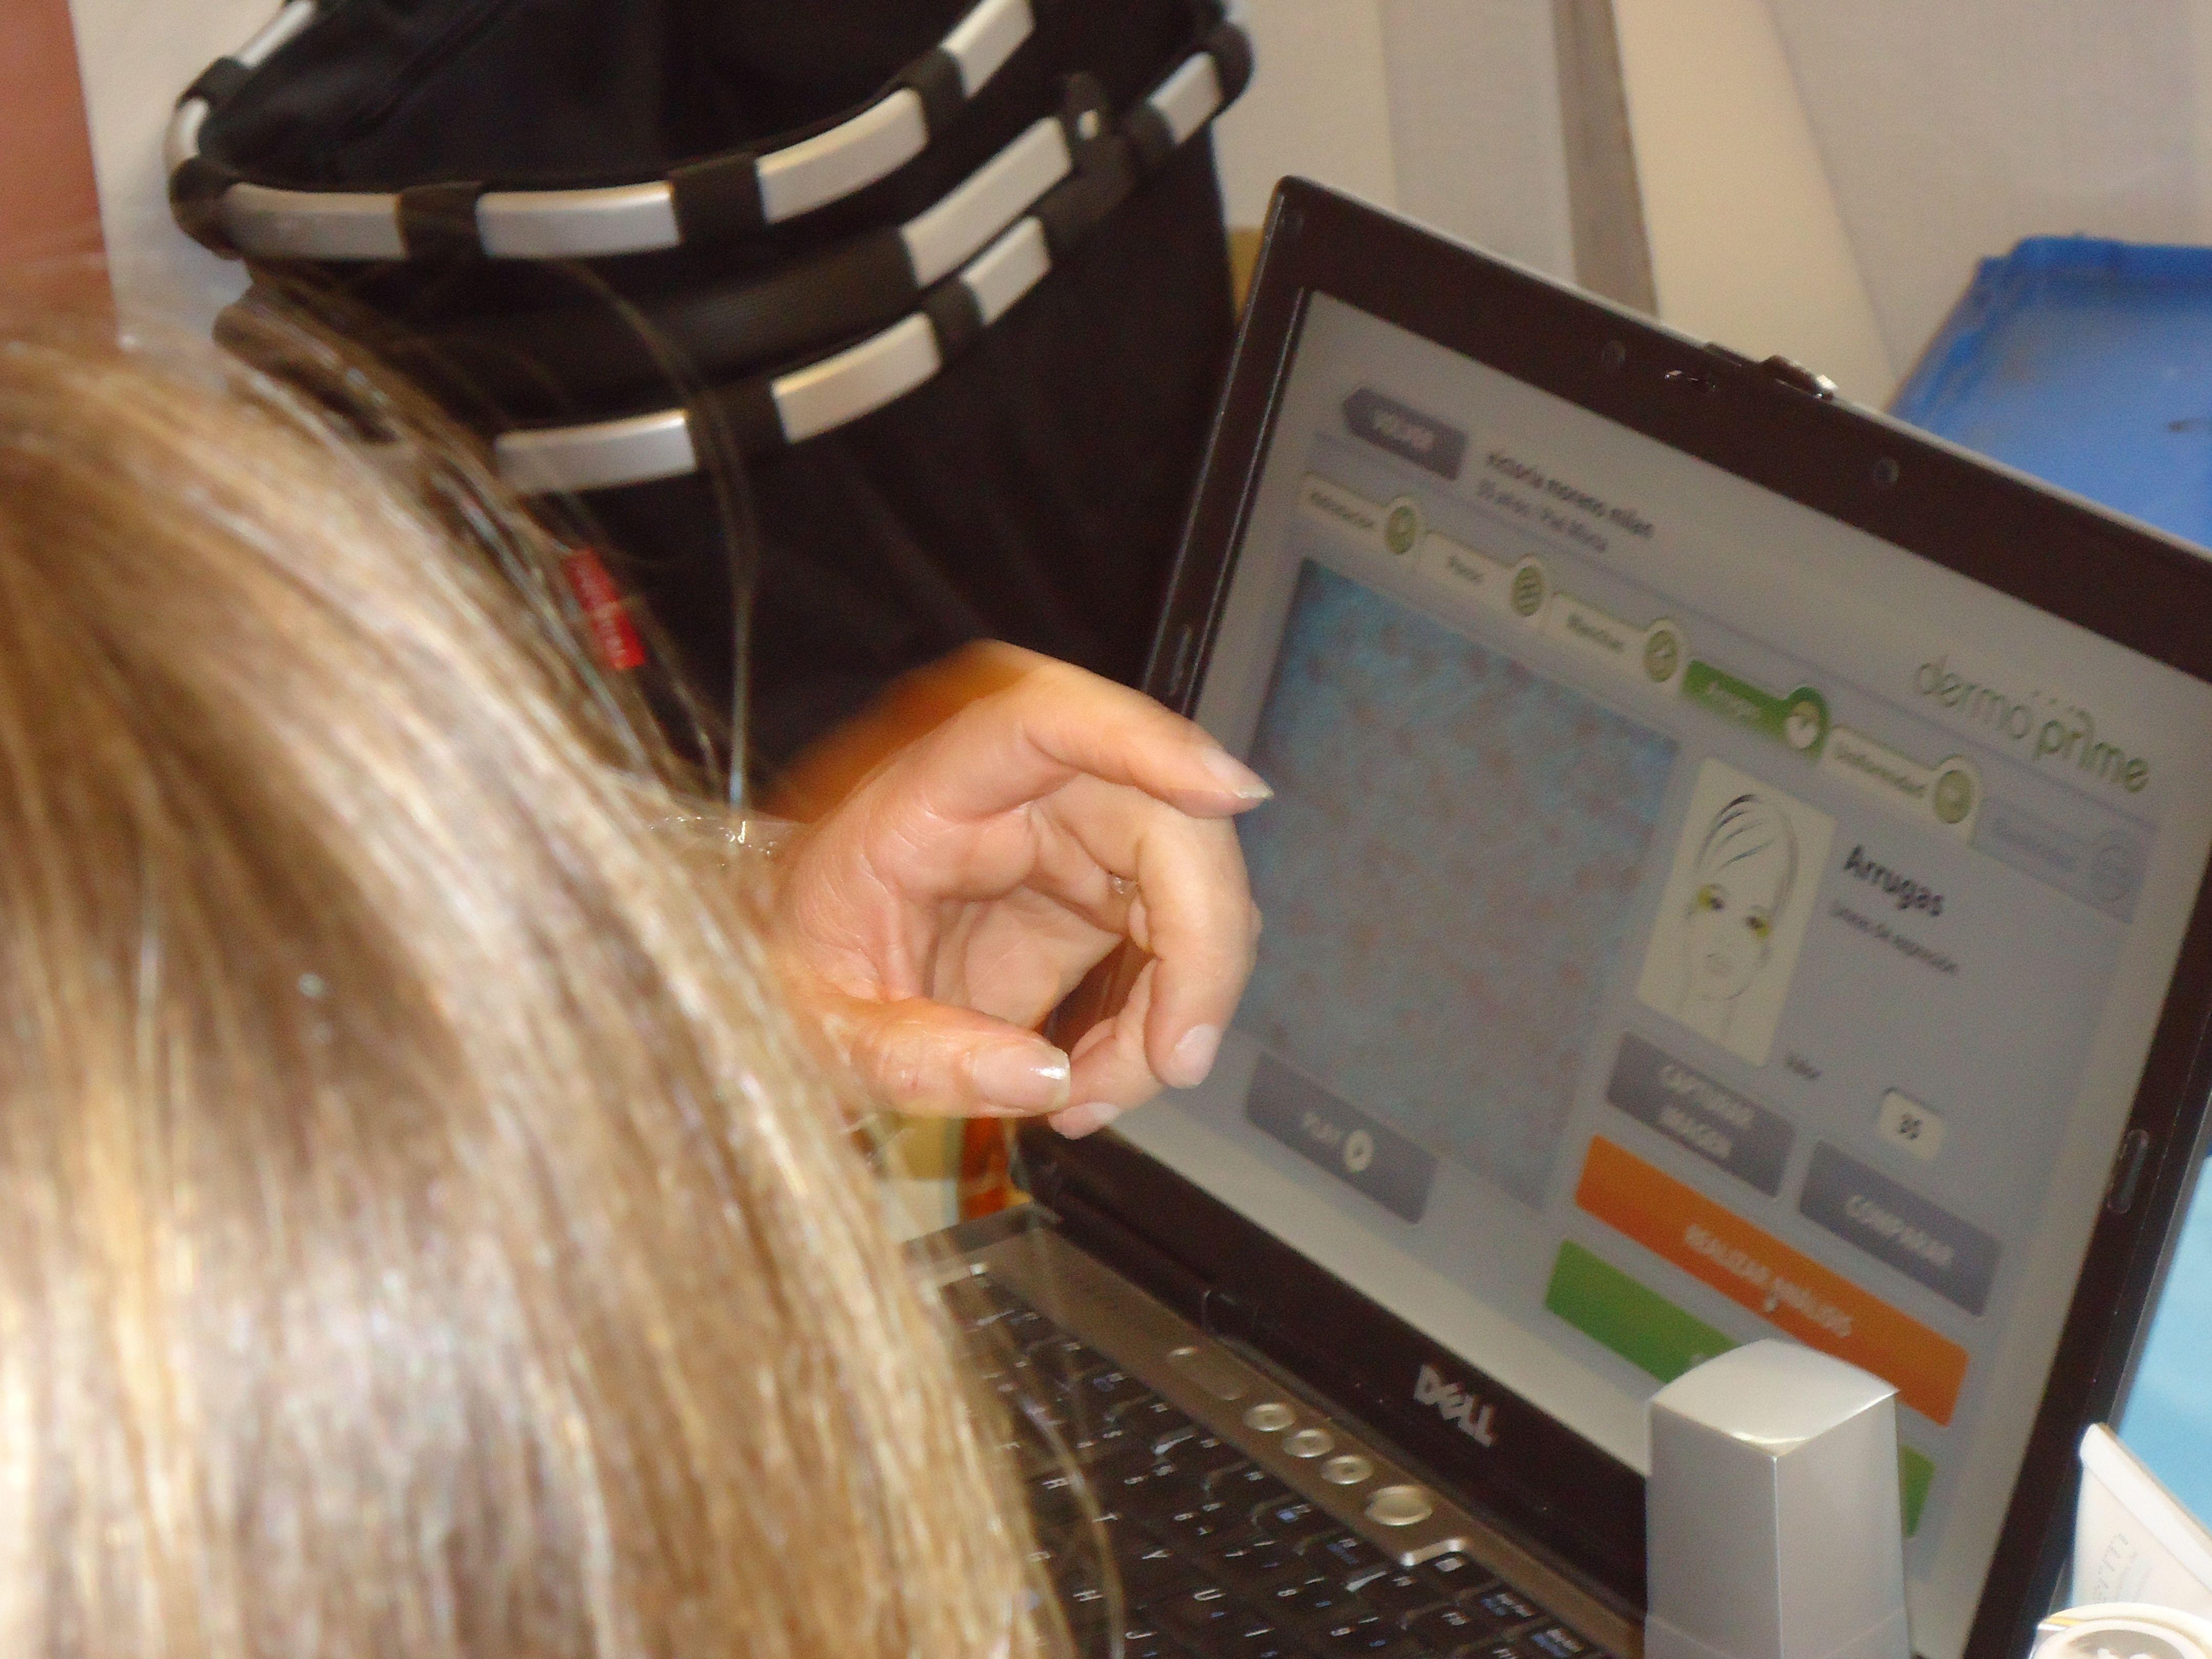 Análisis de piel Singuladerm en Farmacia Internacional de Madrid